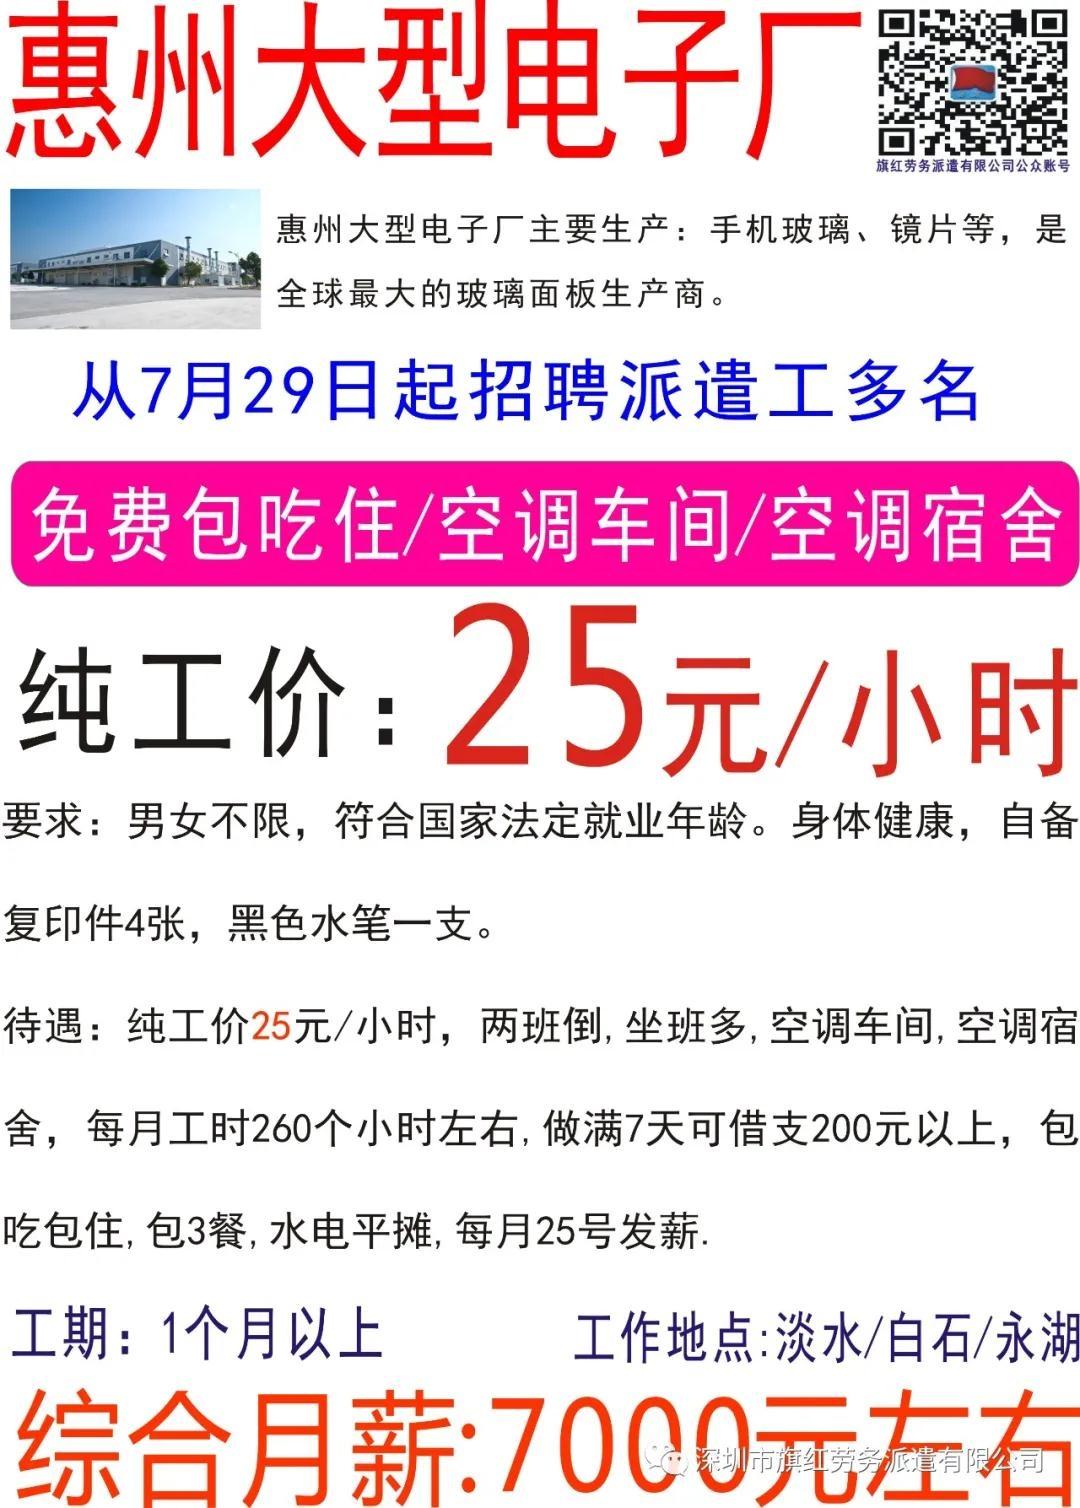 惠州25.jpg